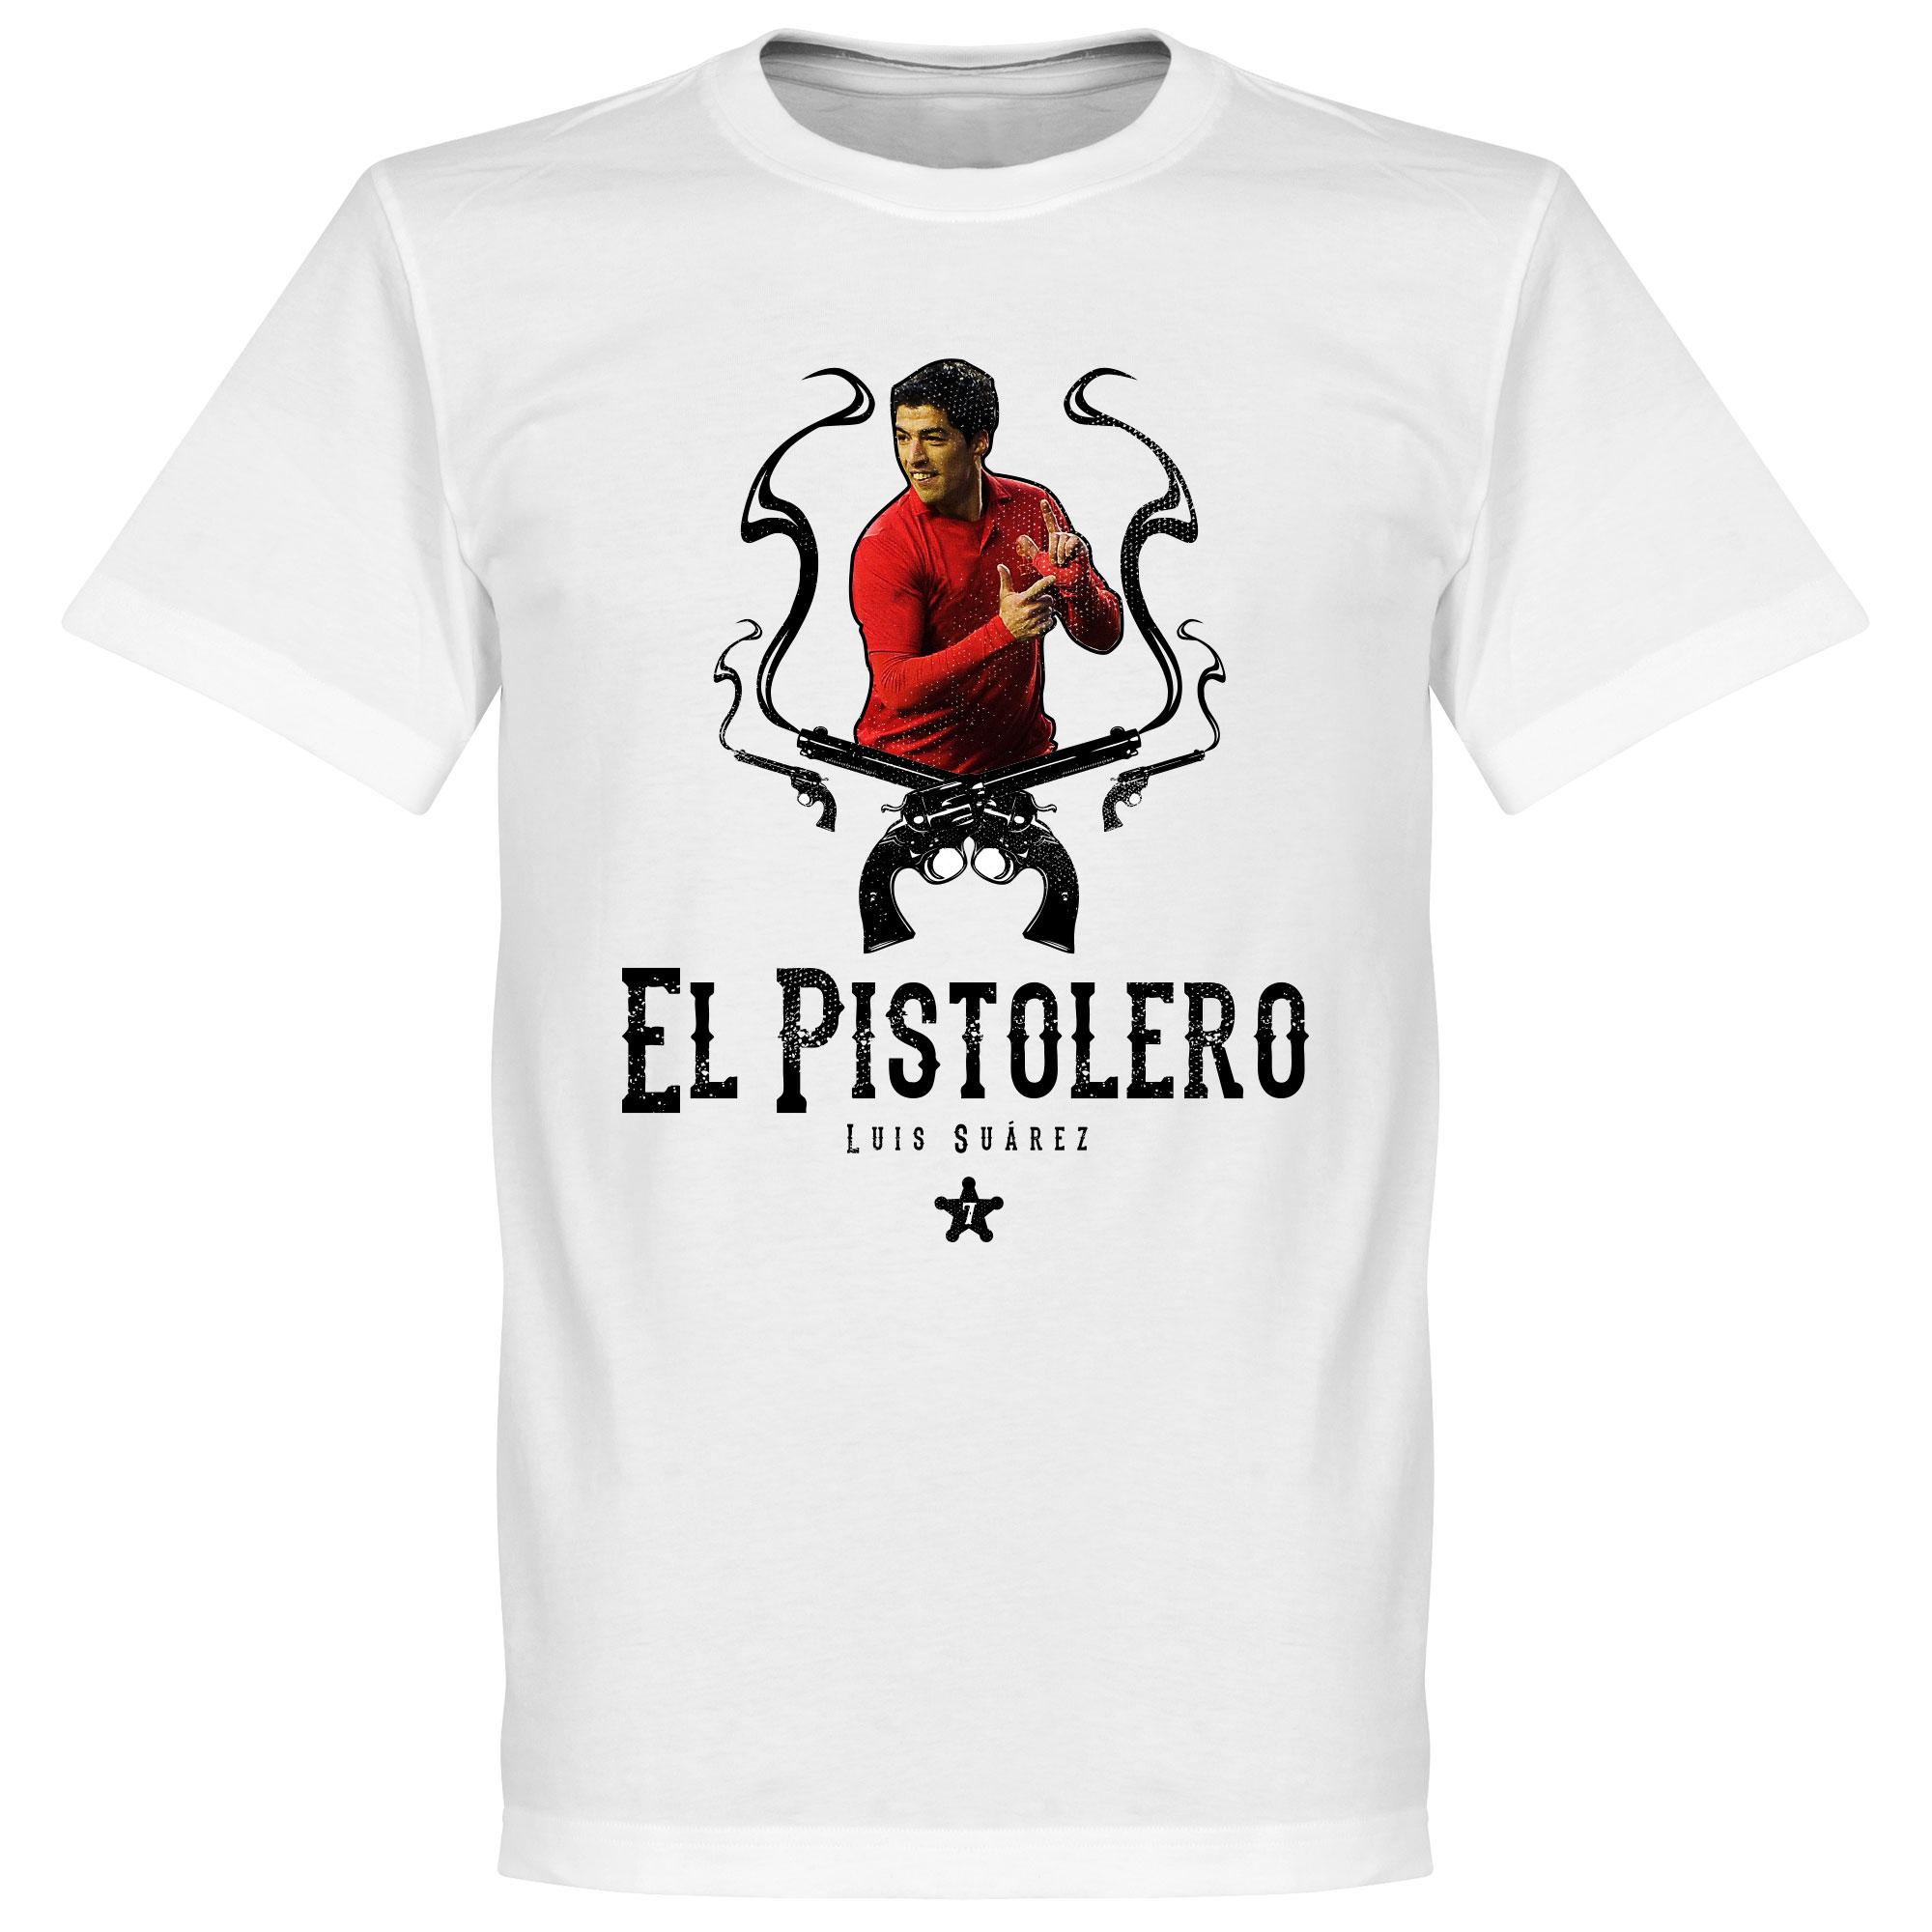 El Pistolero Luis Suarez Liverpool T-Shirt - Junior/Jongens